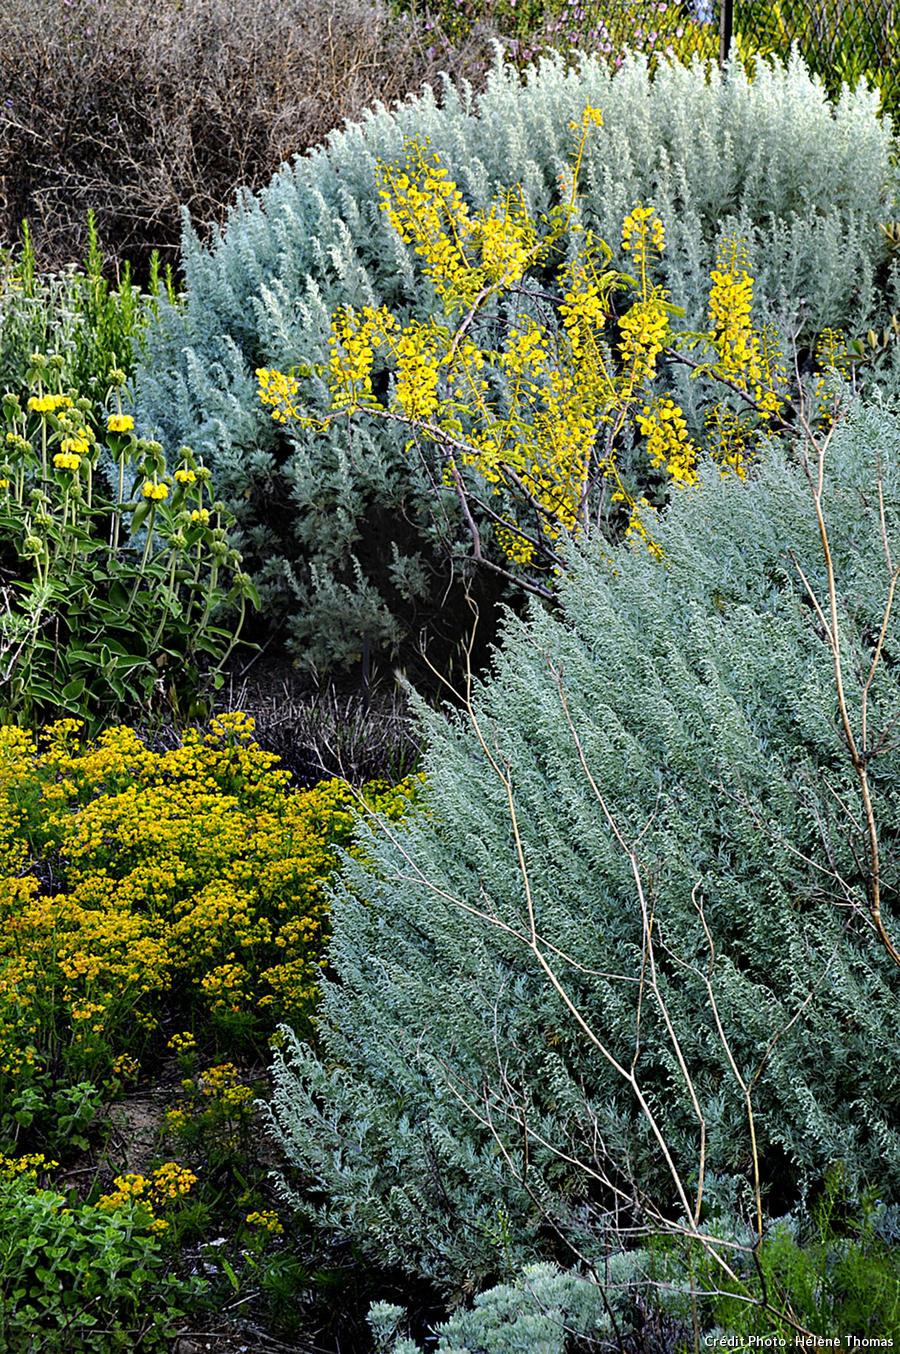 Artemisia canariensis